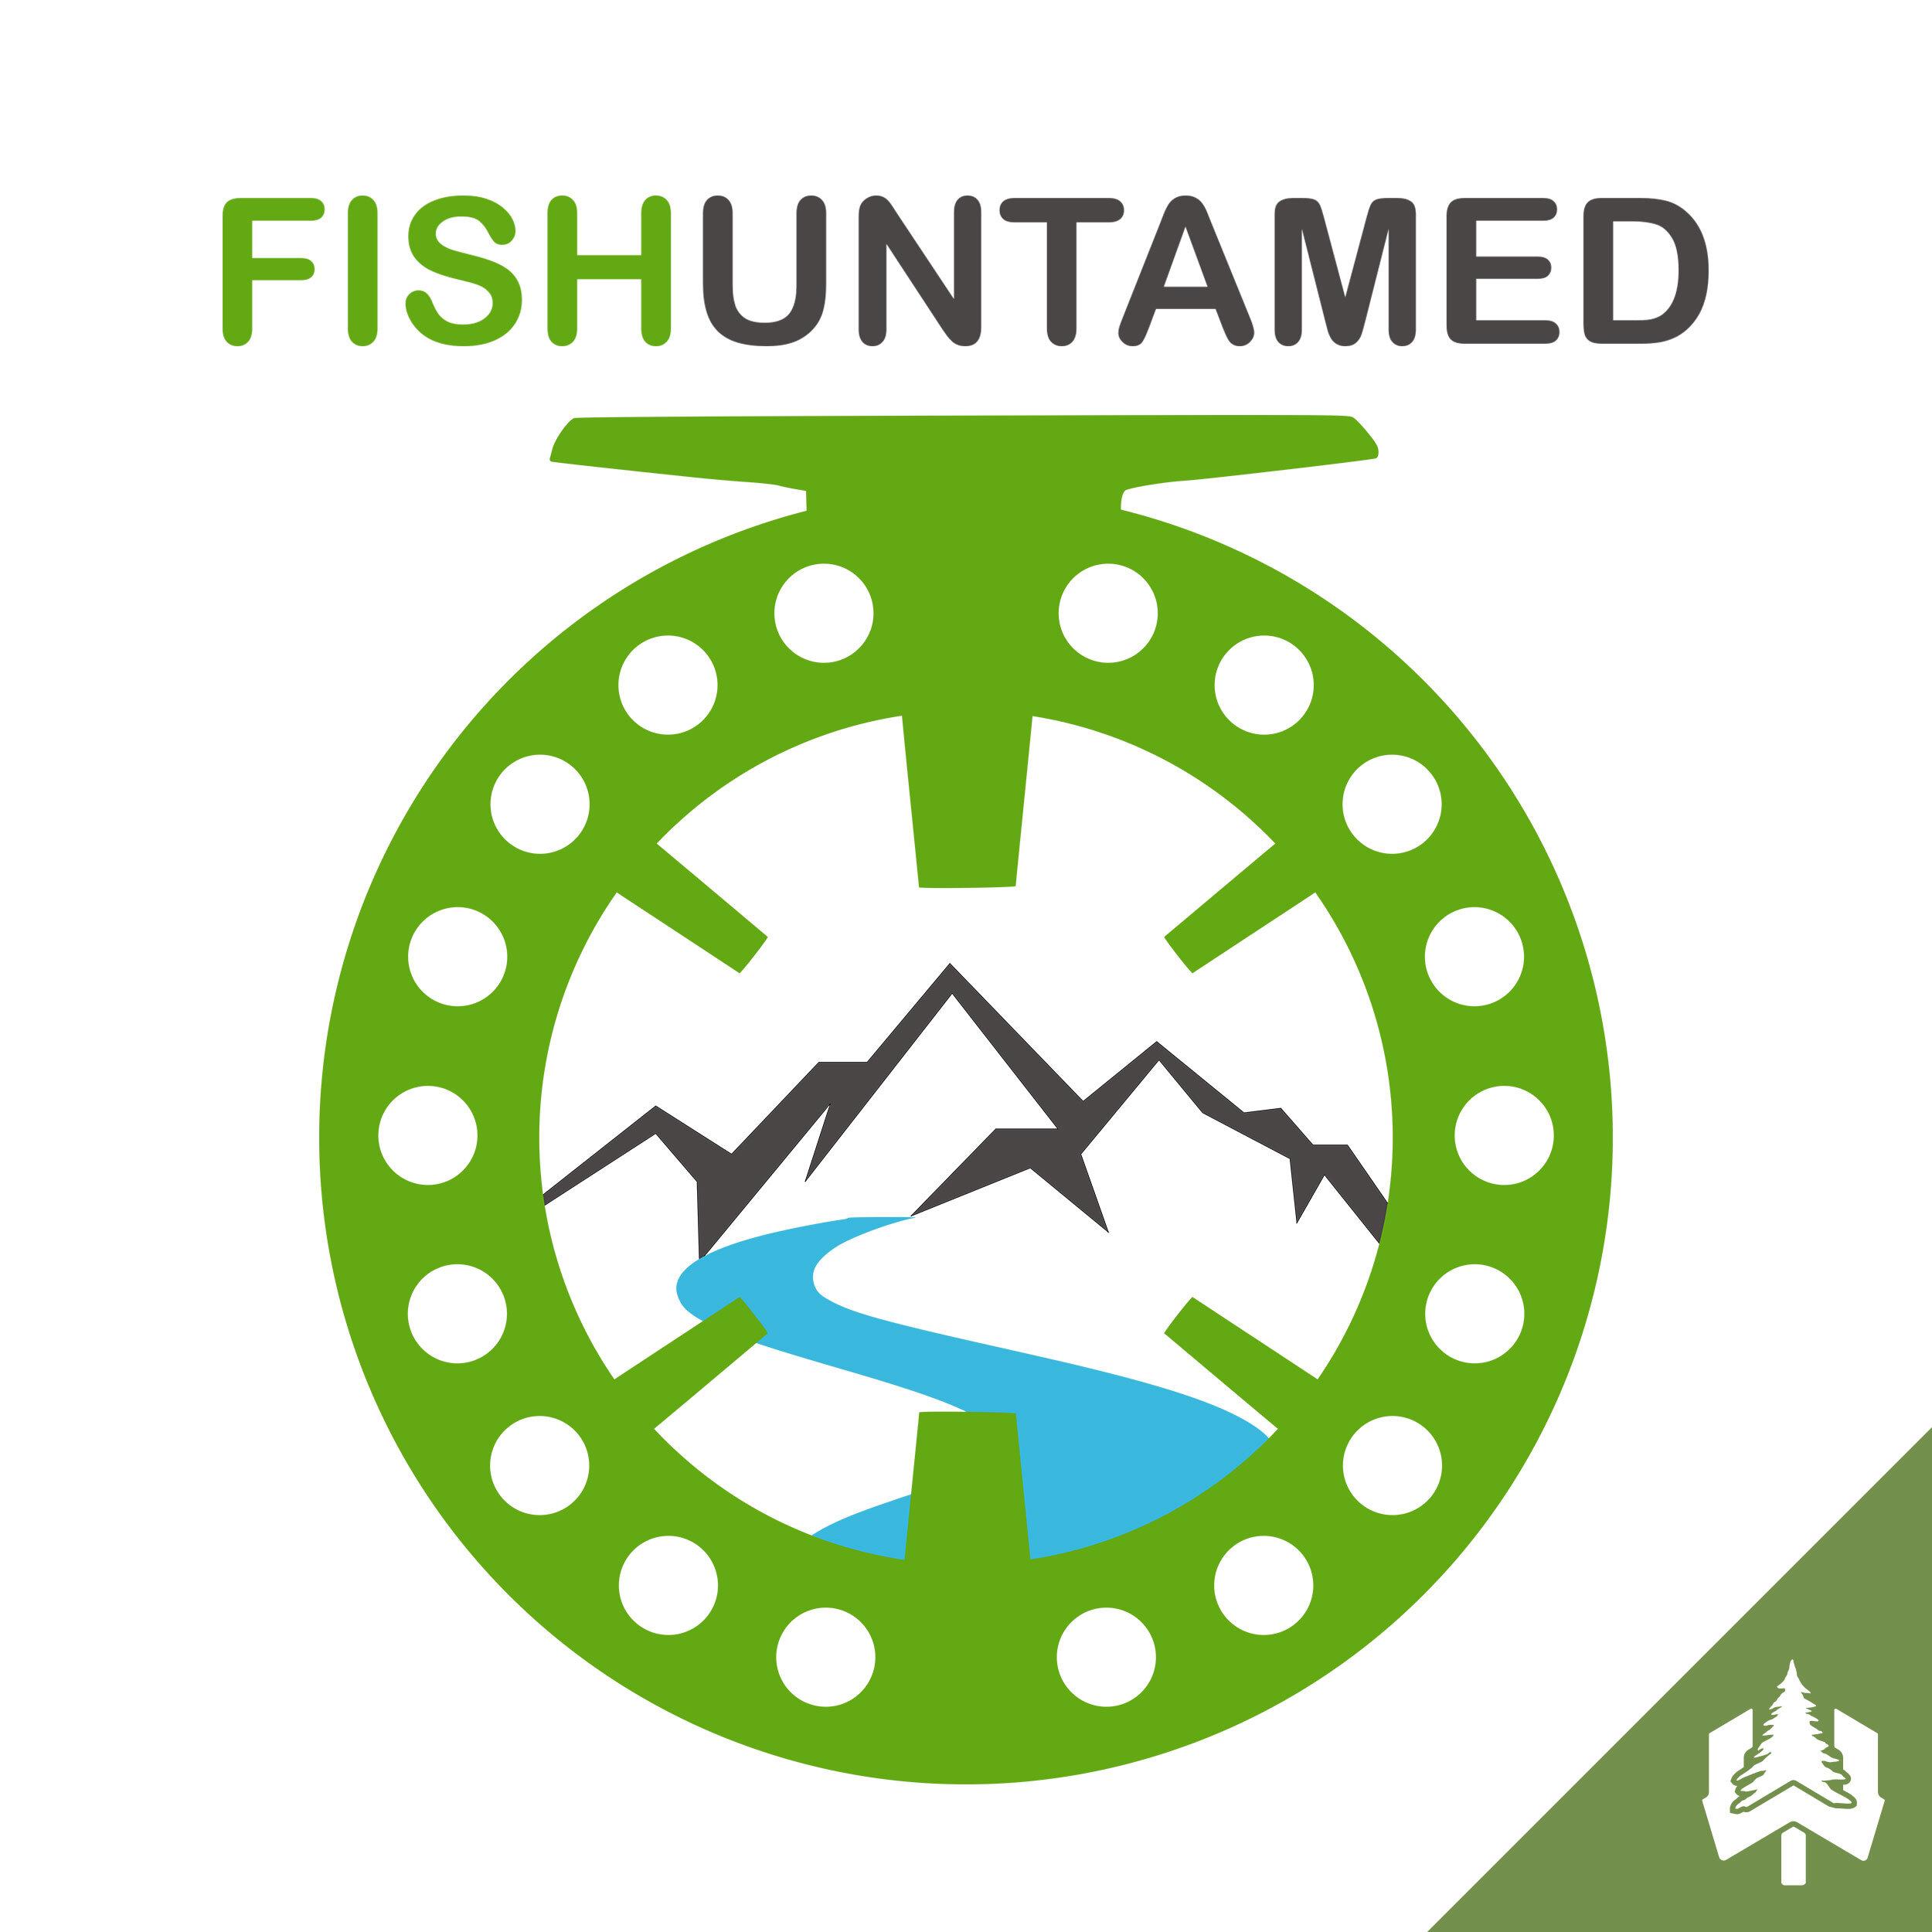 Fish Untamed